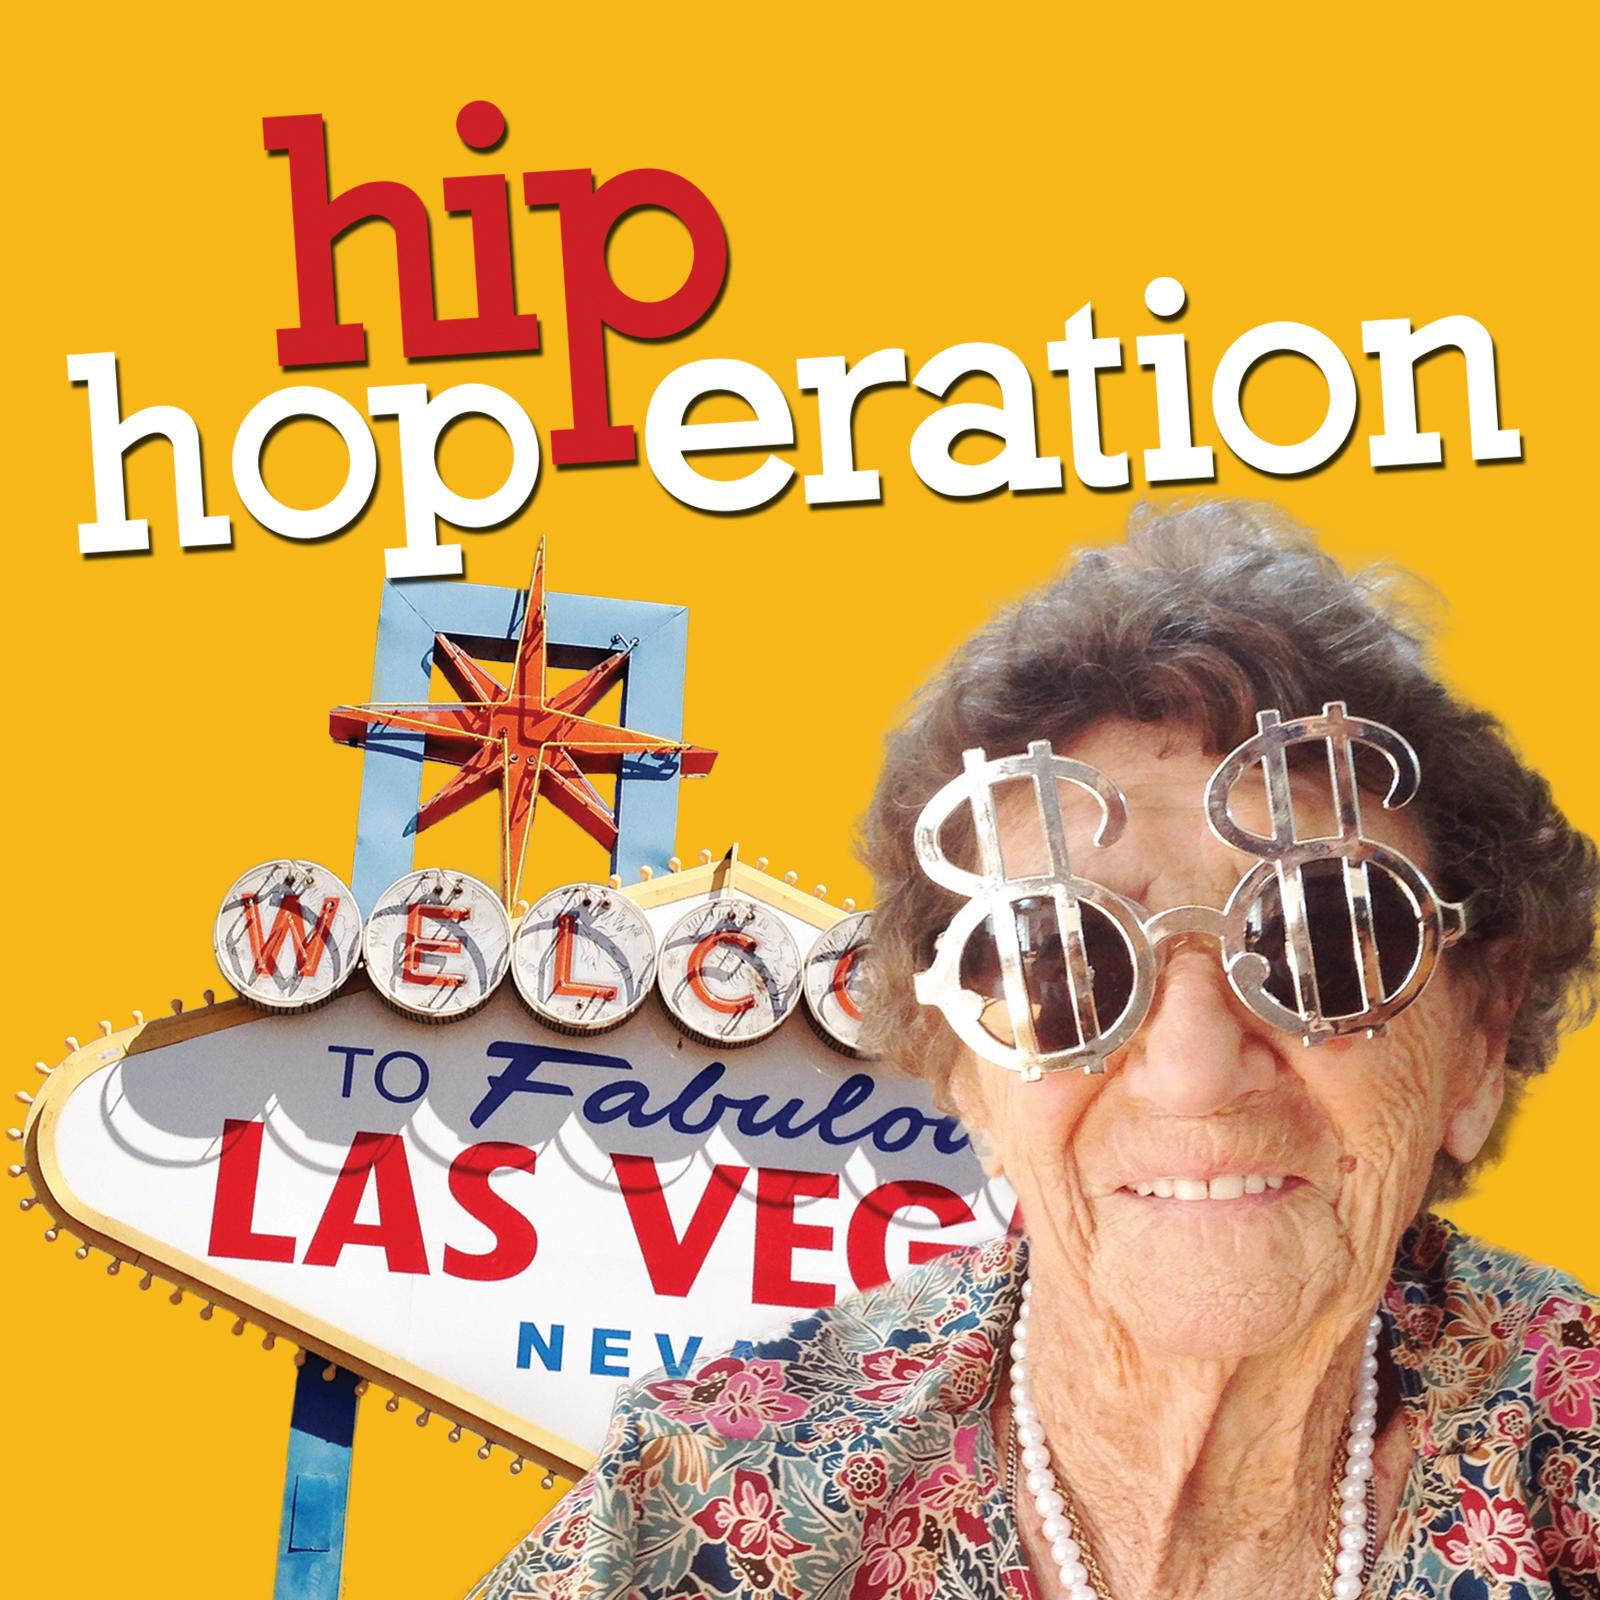 """Le documentaire """"Hip hop - Eration"""" est une leçon de vie tendre et touchante, ne le manquez pas !"""